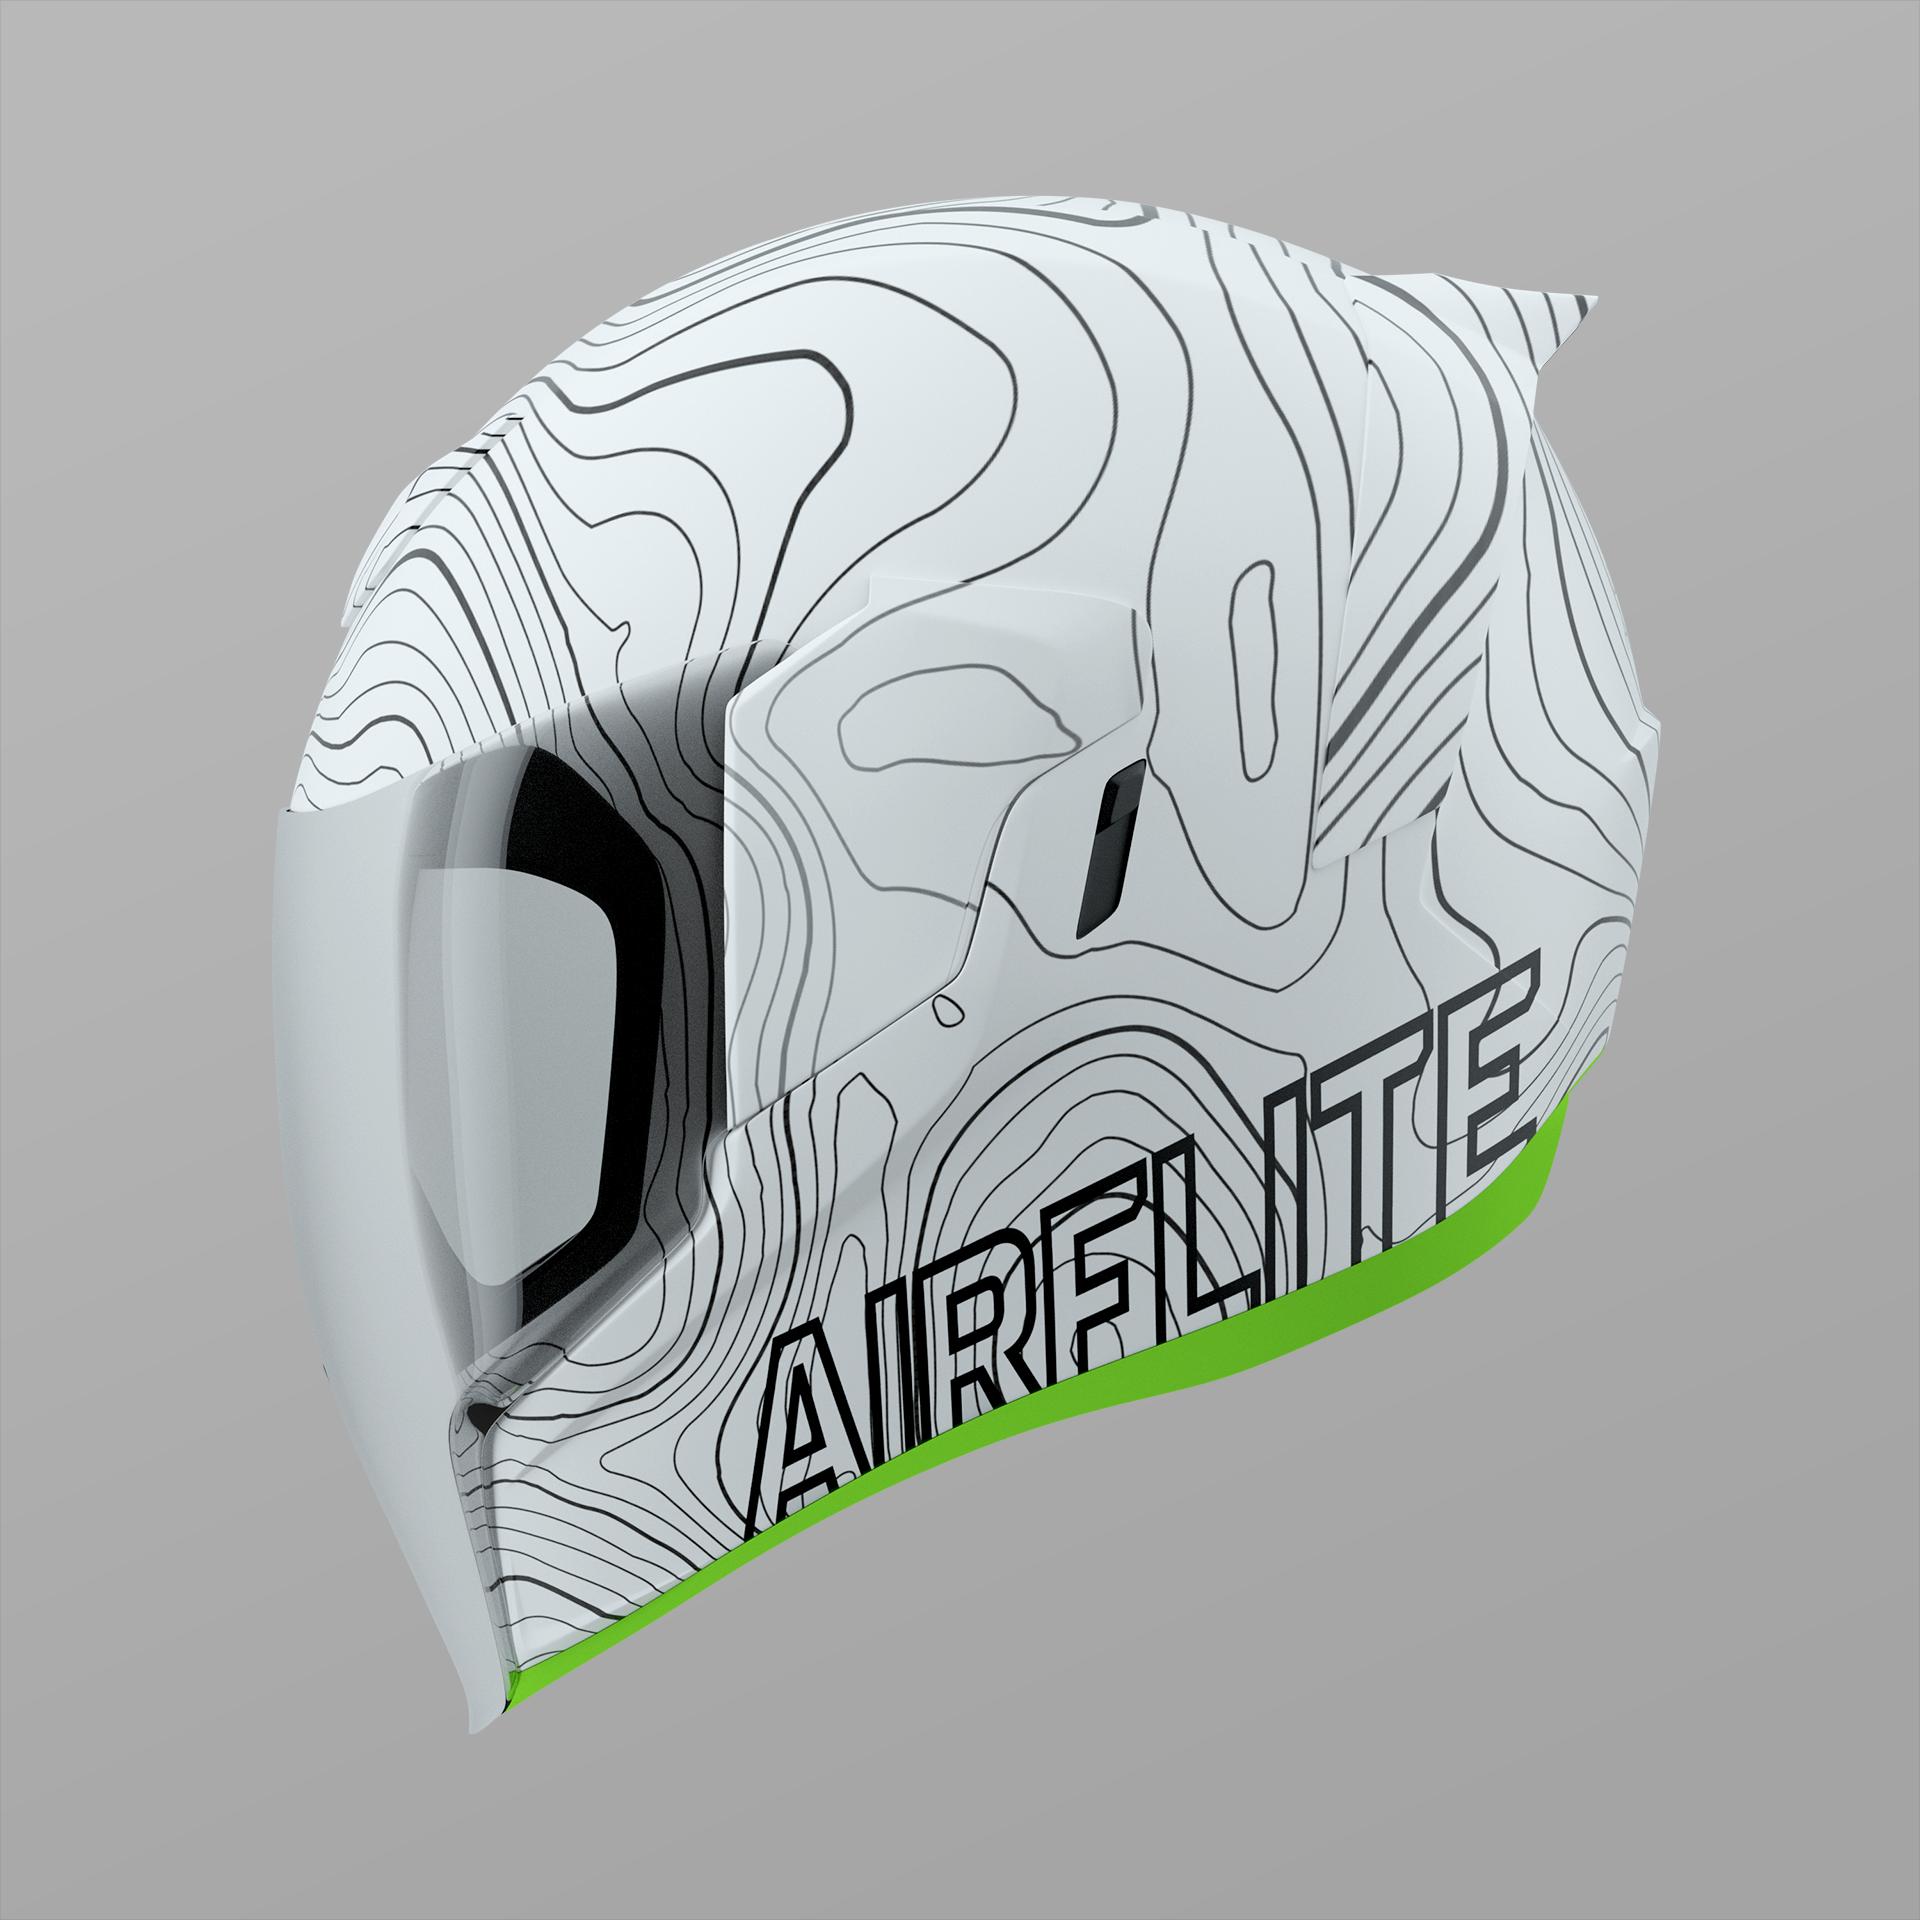 01_Airflite_Helmet_LT_1920_002.png